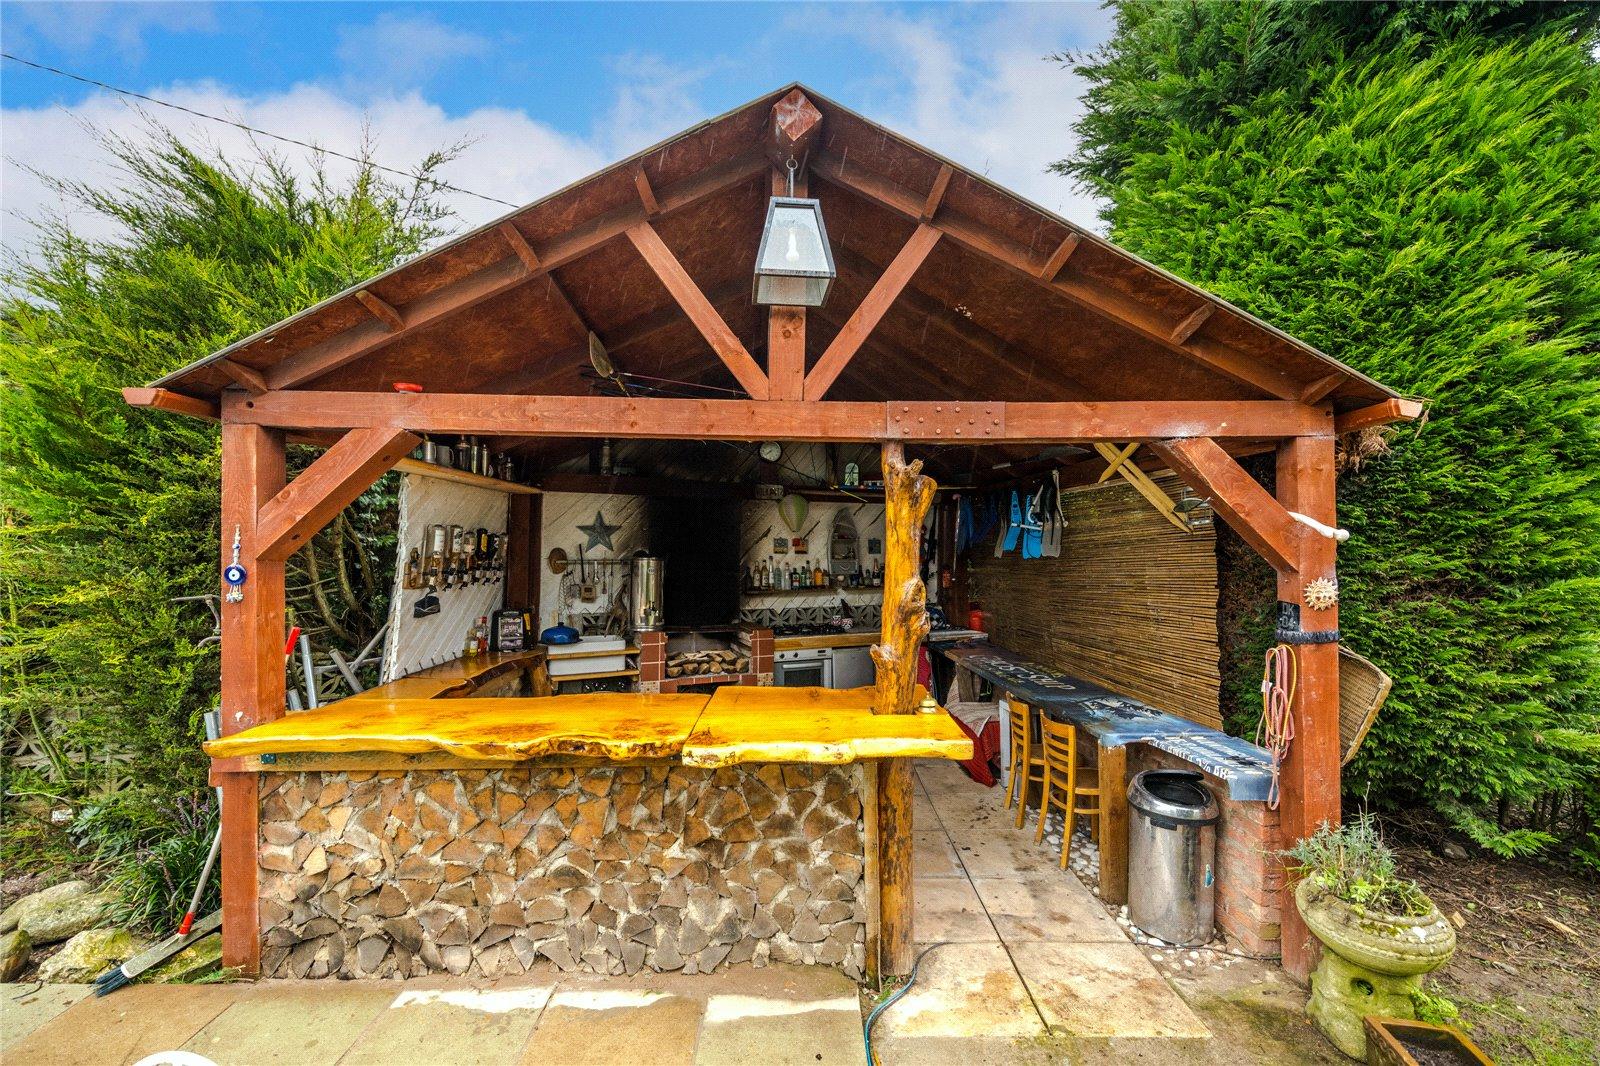 outdoor tilkki style wooden bar and kitchen